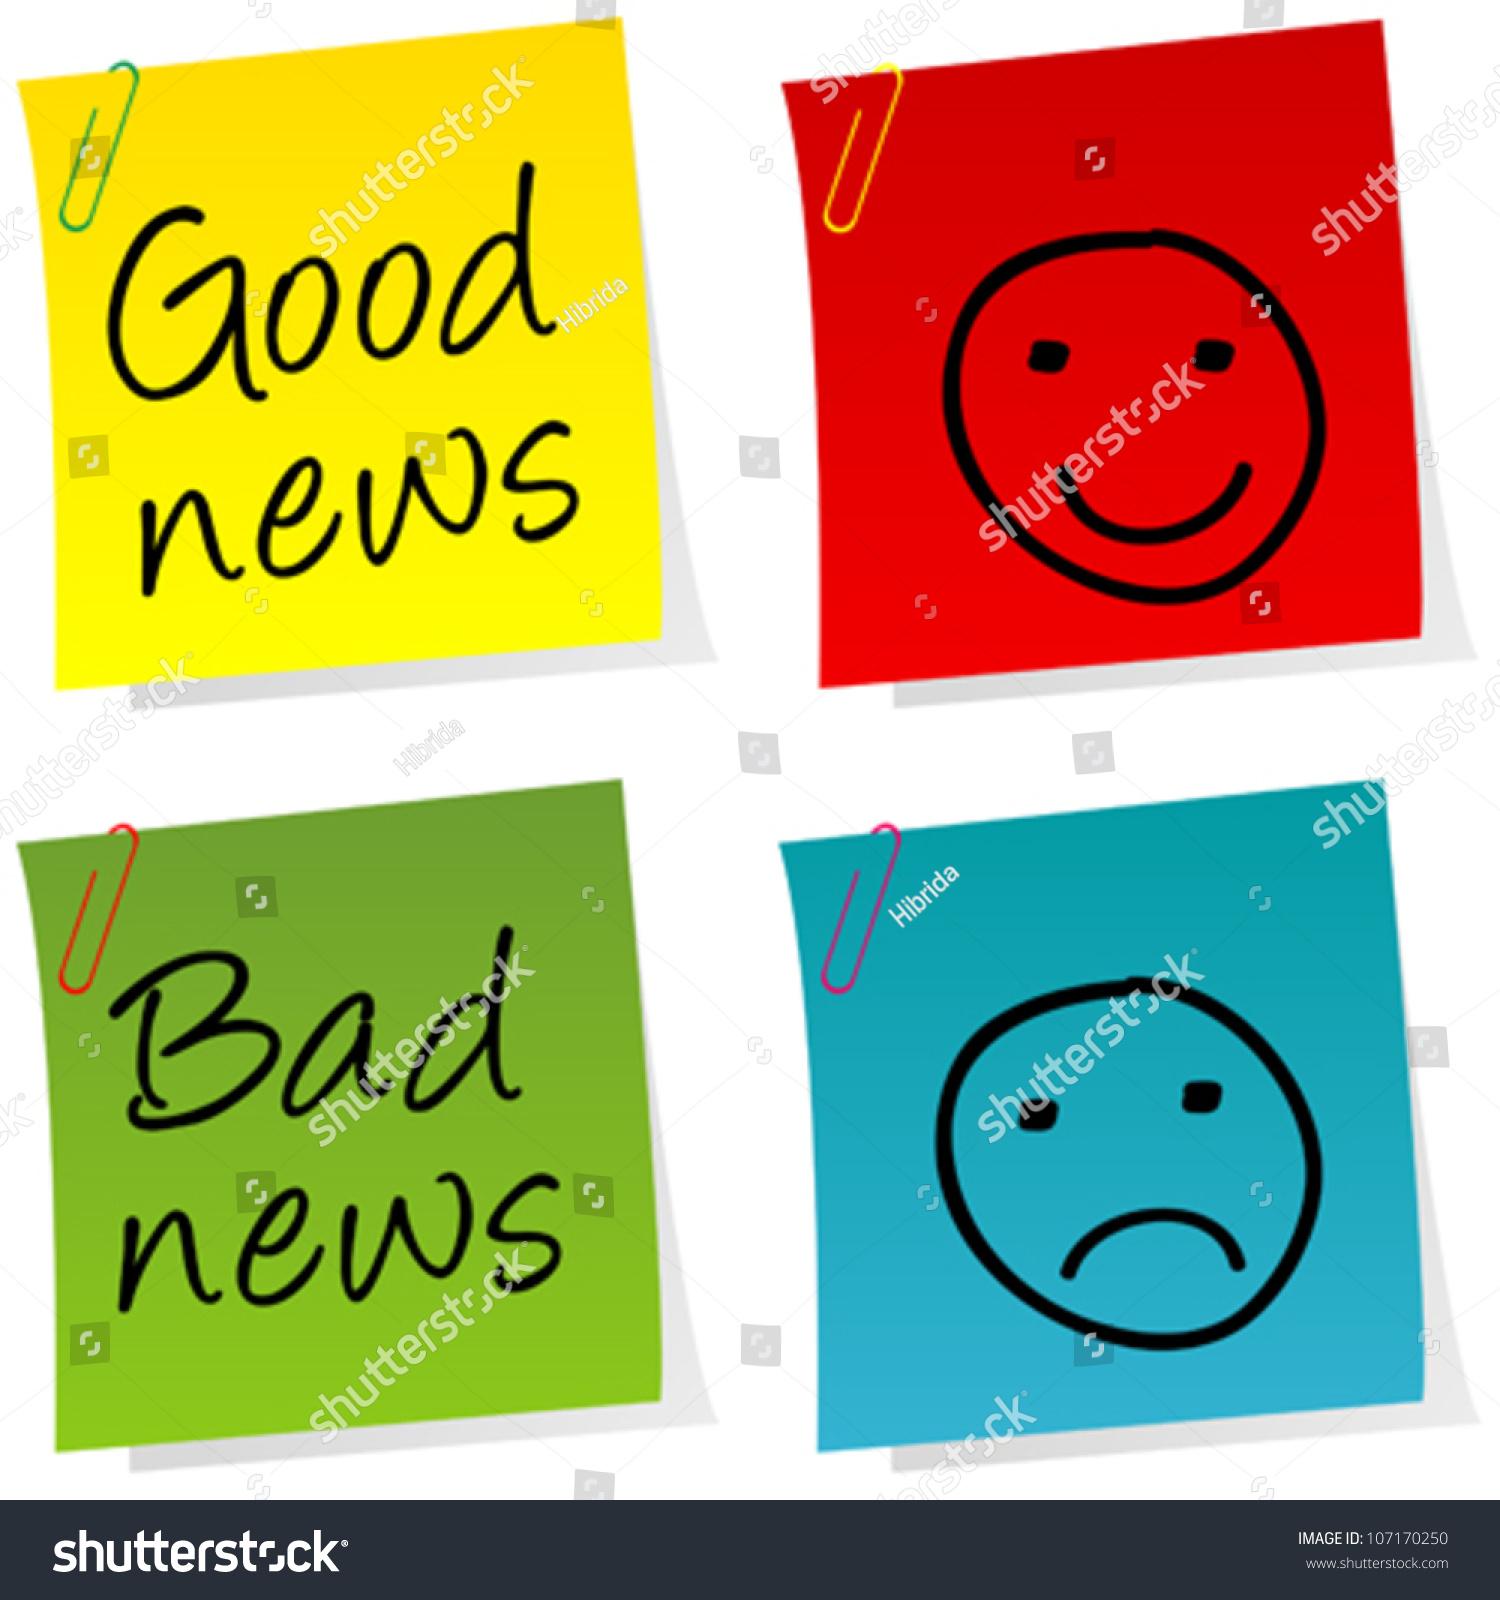 Good News Bad News Post Stock Vector 107170250